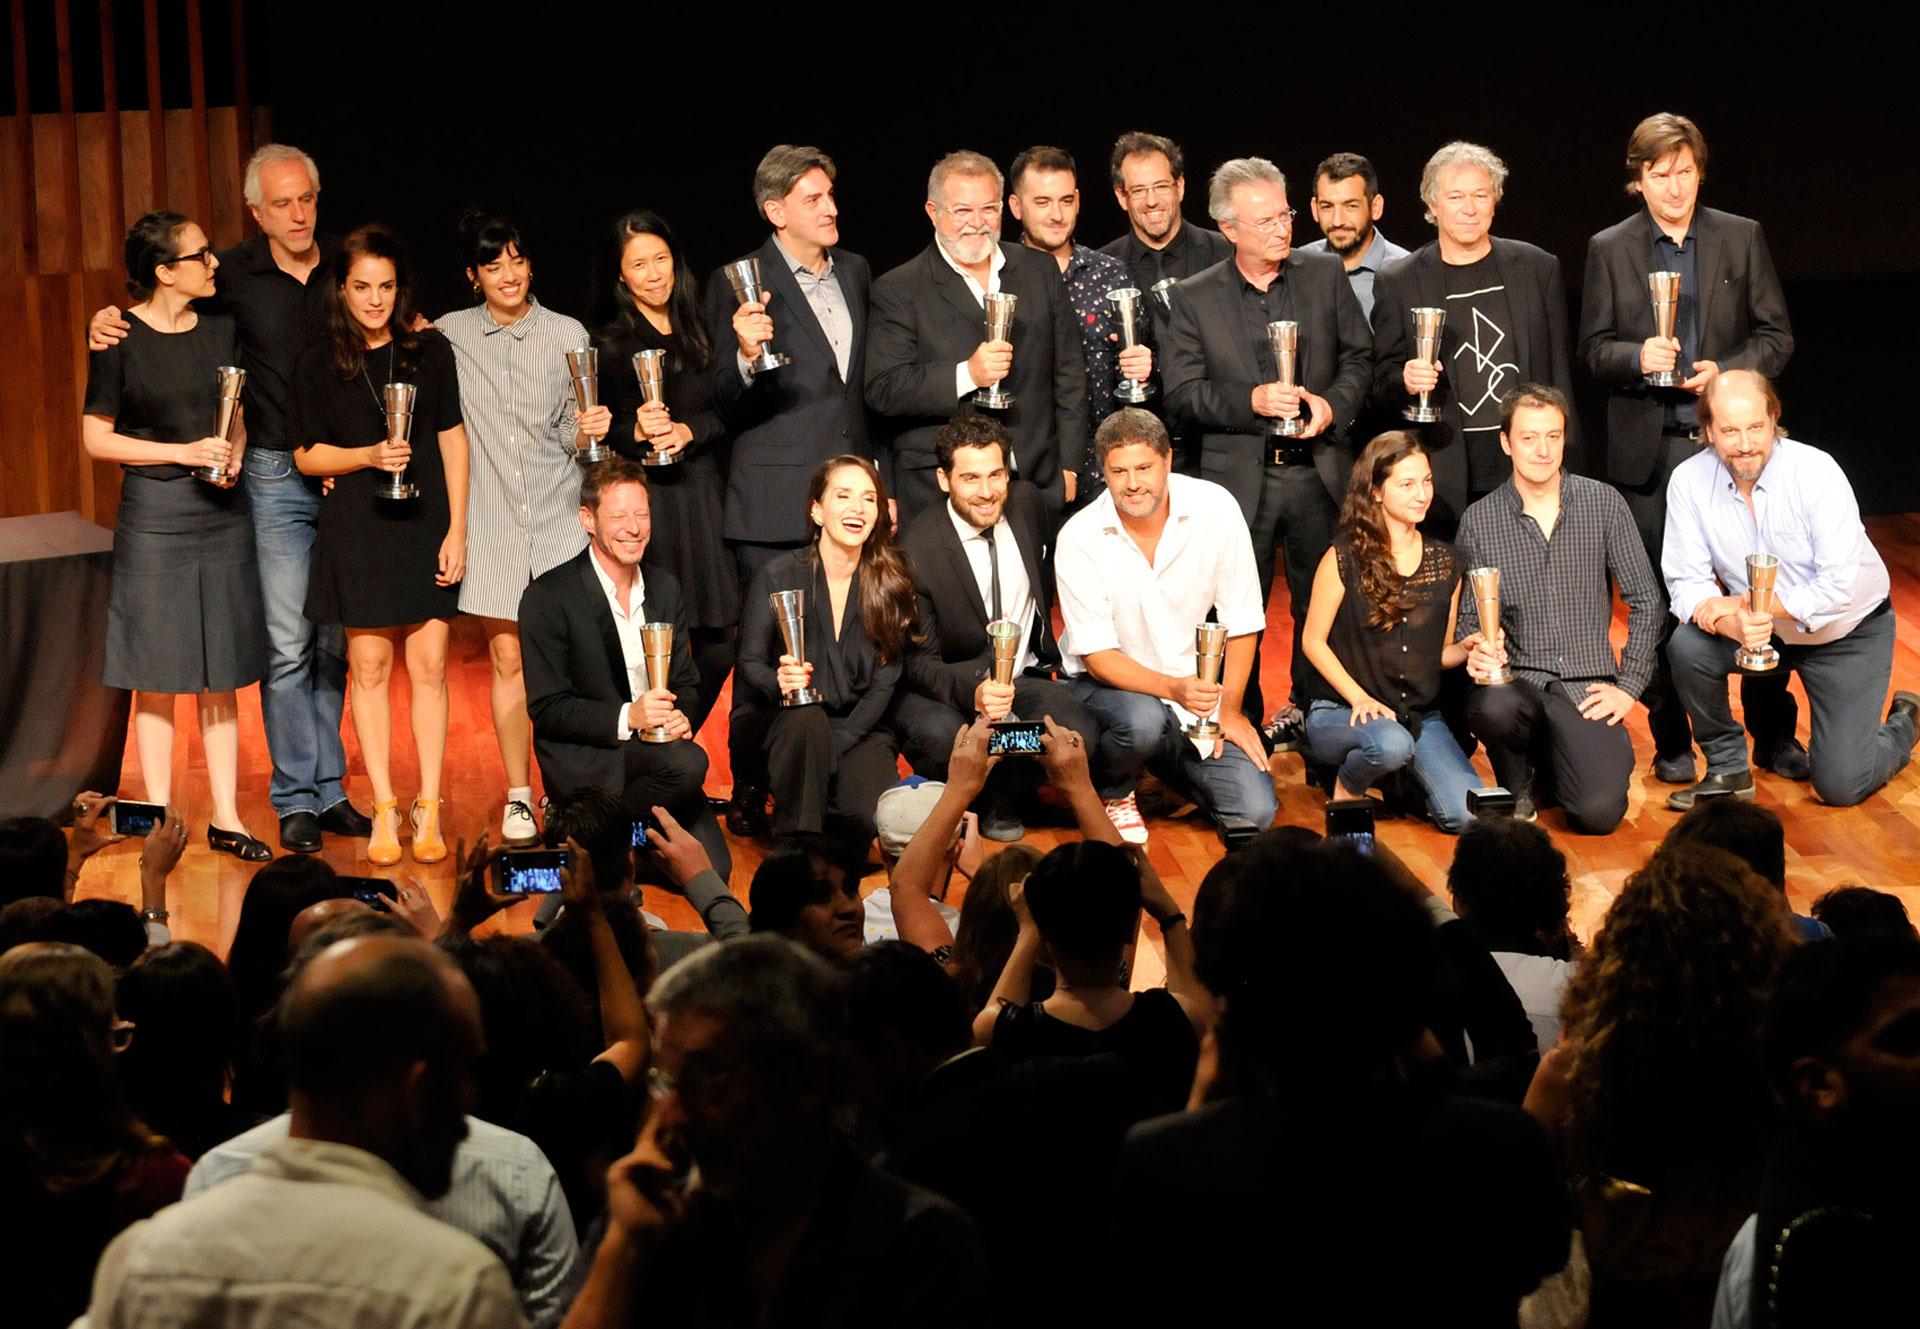 Todos los ganadores de los premios otorgados porla Academia de las Artes y Ciencias Cinematográficas